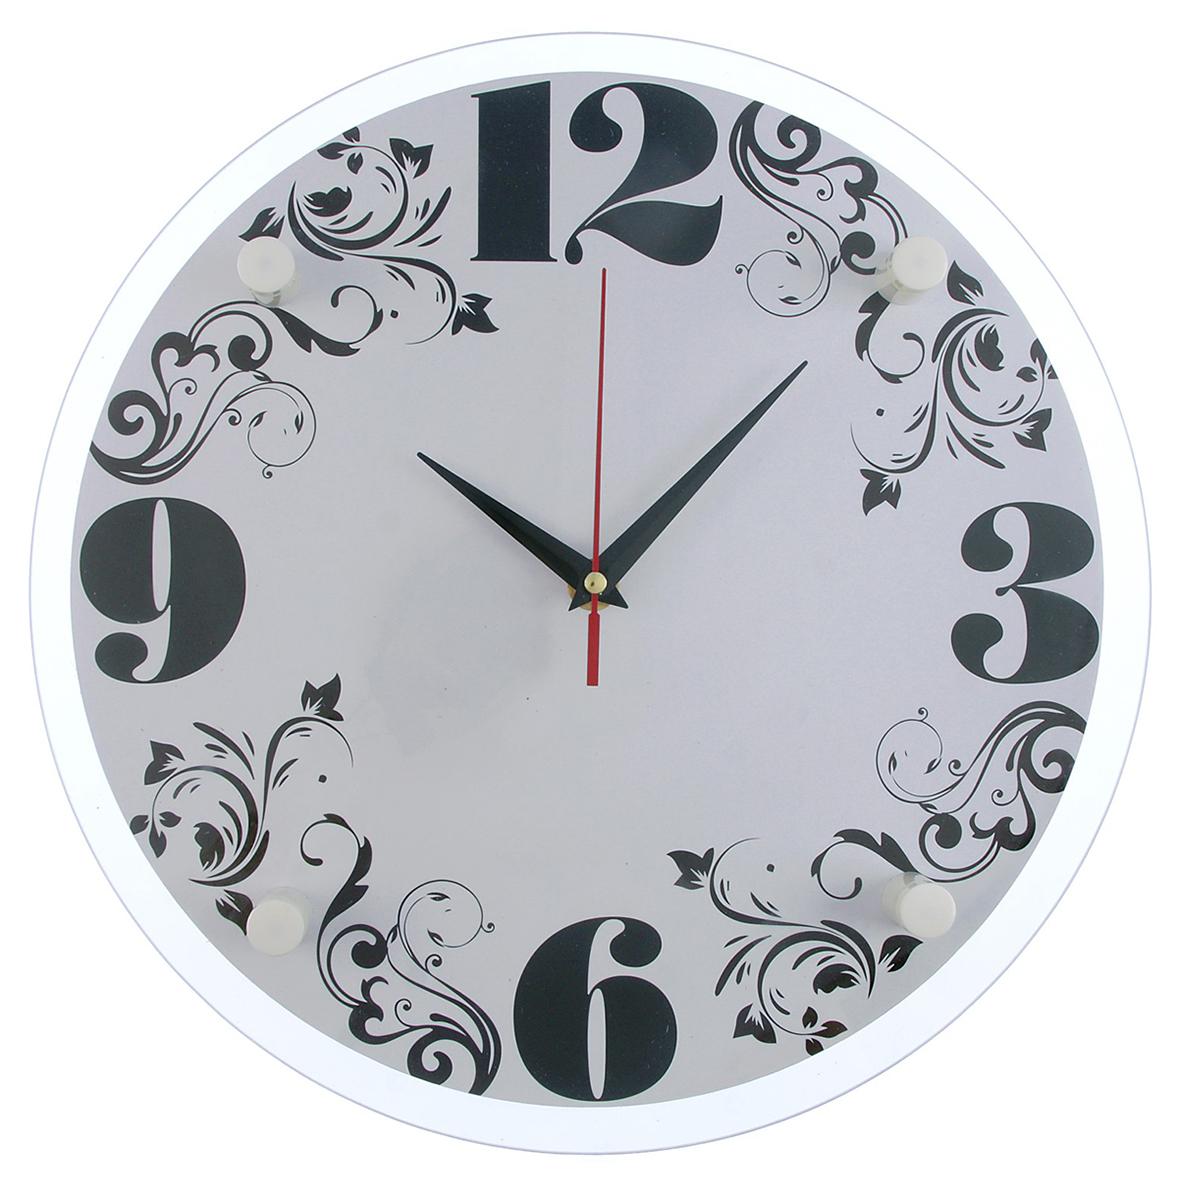 Часы настенные 21 Век Узоры, диаметр 30 см2918870— сувенир в полном смысле этого слова. И главная его задача — хранить воспоминание о месте, где вы побывали, или о том человеке, который подарил данный предмет. Преподнесите эту вещь своему другу, и она станет достойным украшением его дома. Каждому хозяину периодически приходит мысль обновить свою квартиру, сделать ремонт, перестановку или кардинально поменять внешний вид каждой комнаты. — привлекательная деталь, которая поможет воплотить вашу интерьерную идею, создать неповторимую атмосферу в вашем доме. Окружите себя приятными мелочами, пусть они радуют глаз и дарят гармонию.Часы настенные круглые Узоры, 30х30 см 2918870